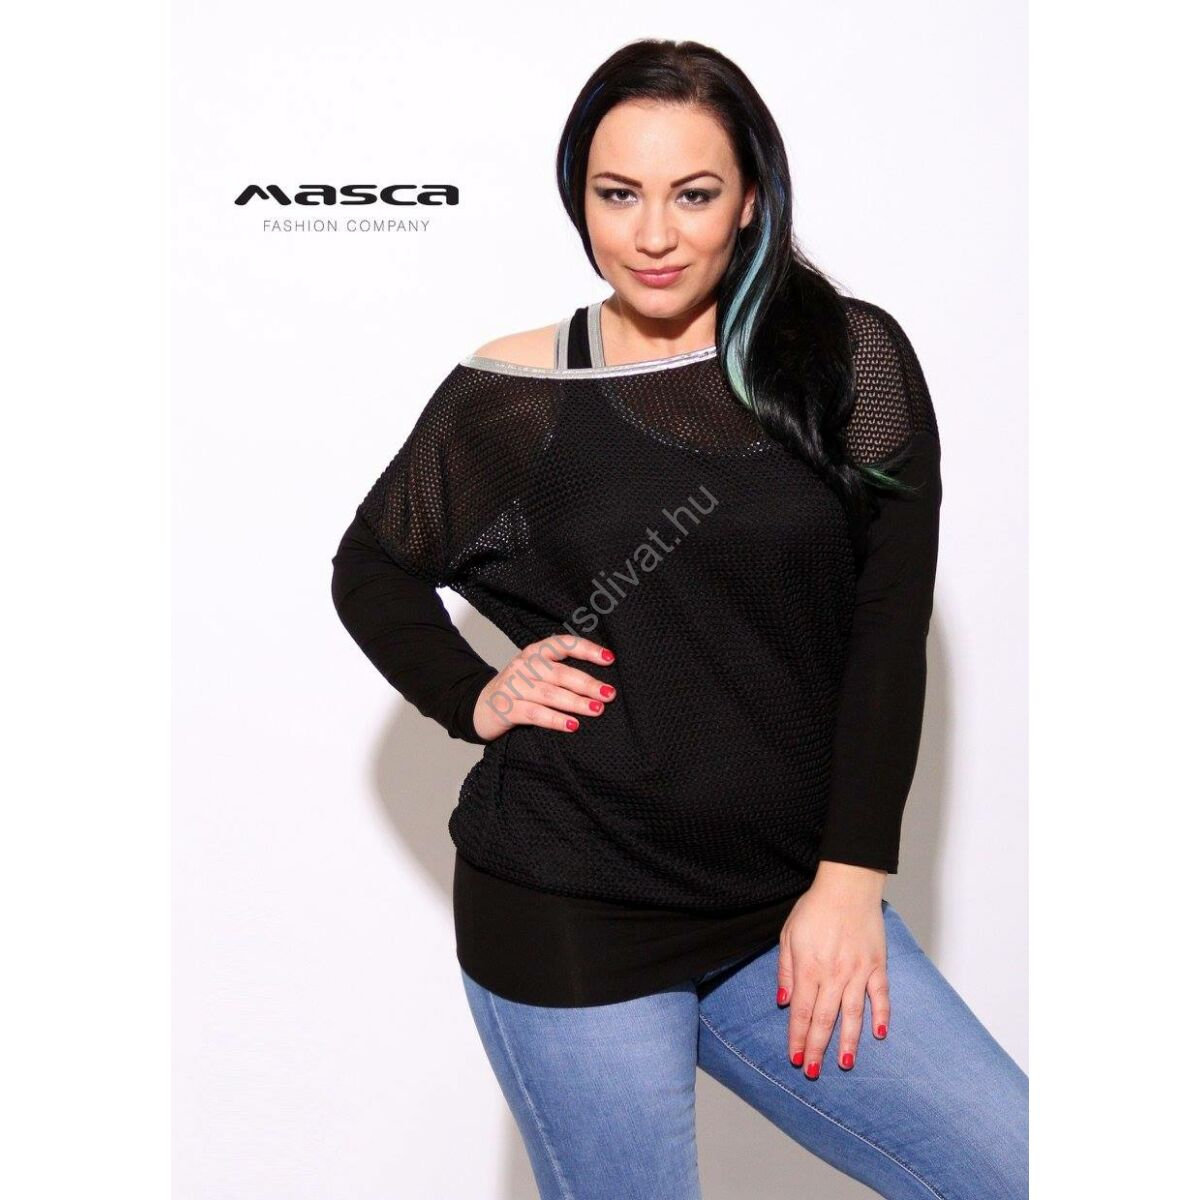 Masca Fashion trikópántos fekete felső bő necces felső réteggel 9551ff4967